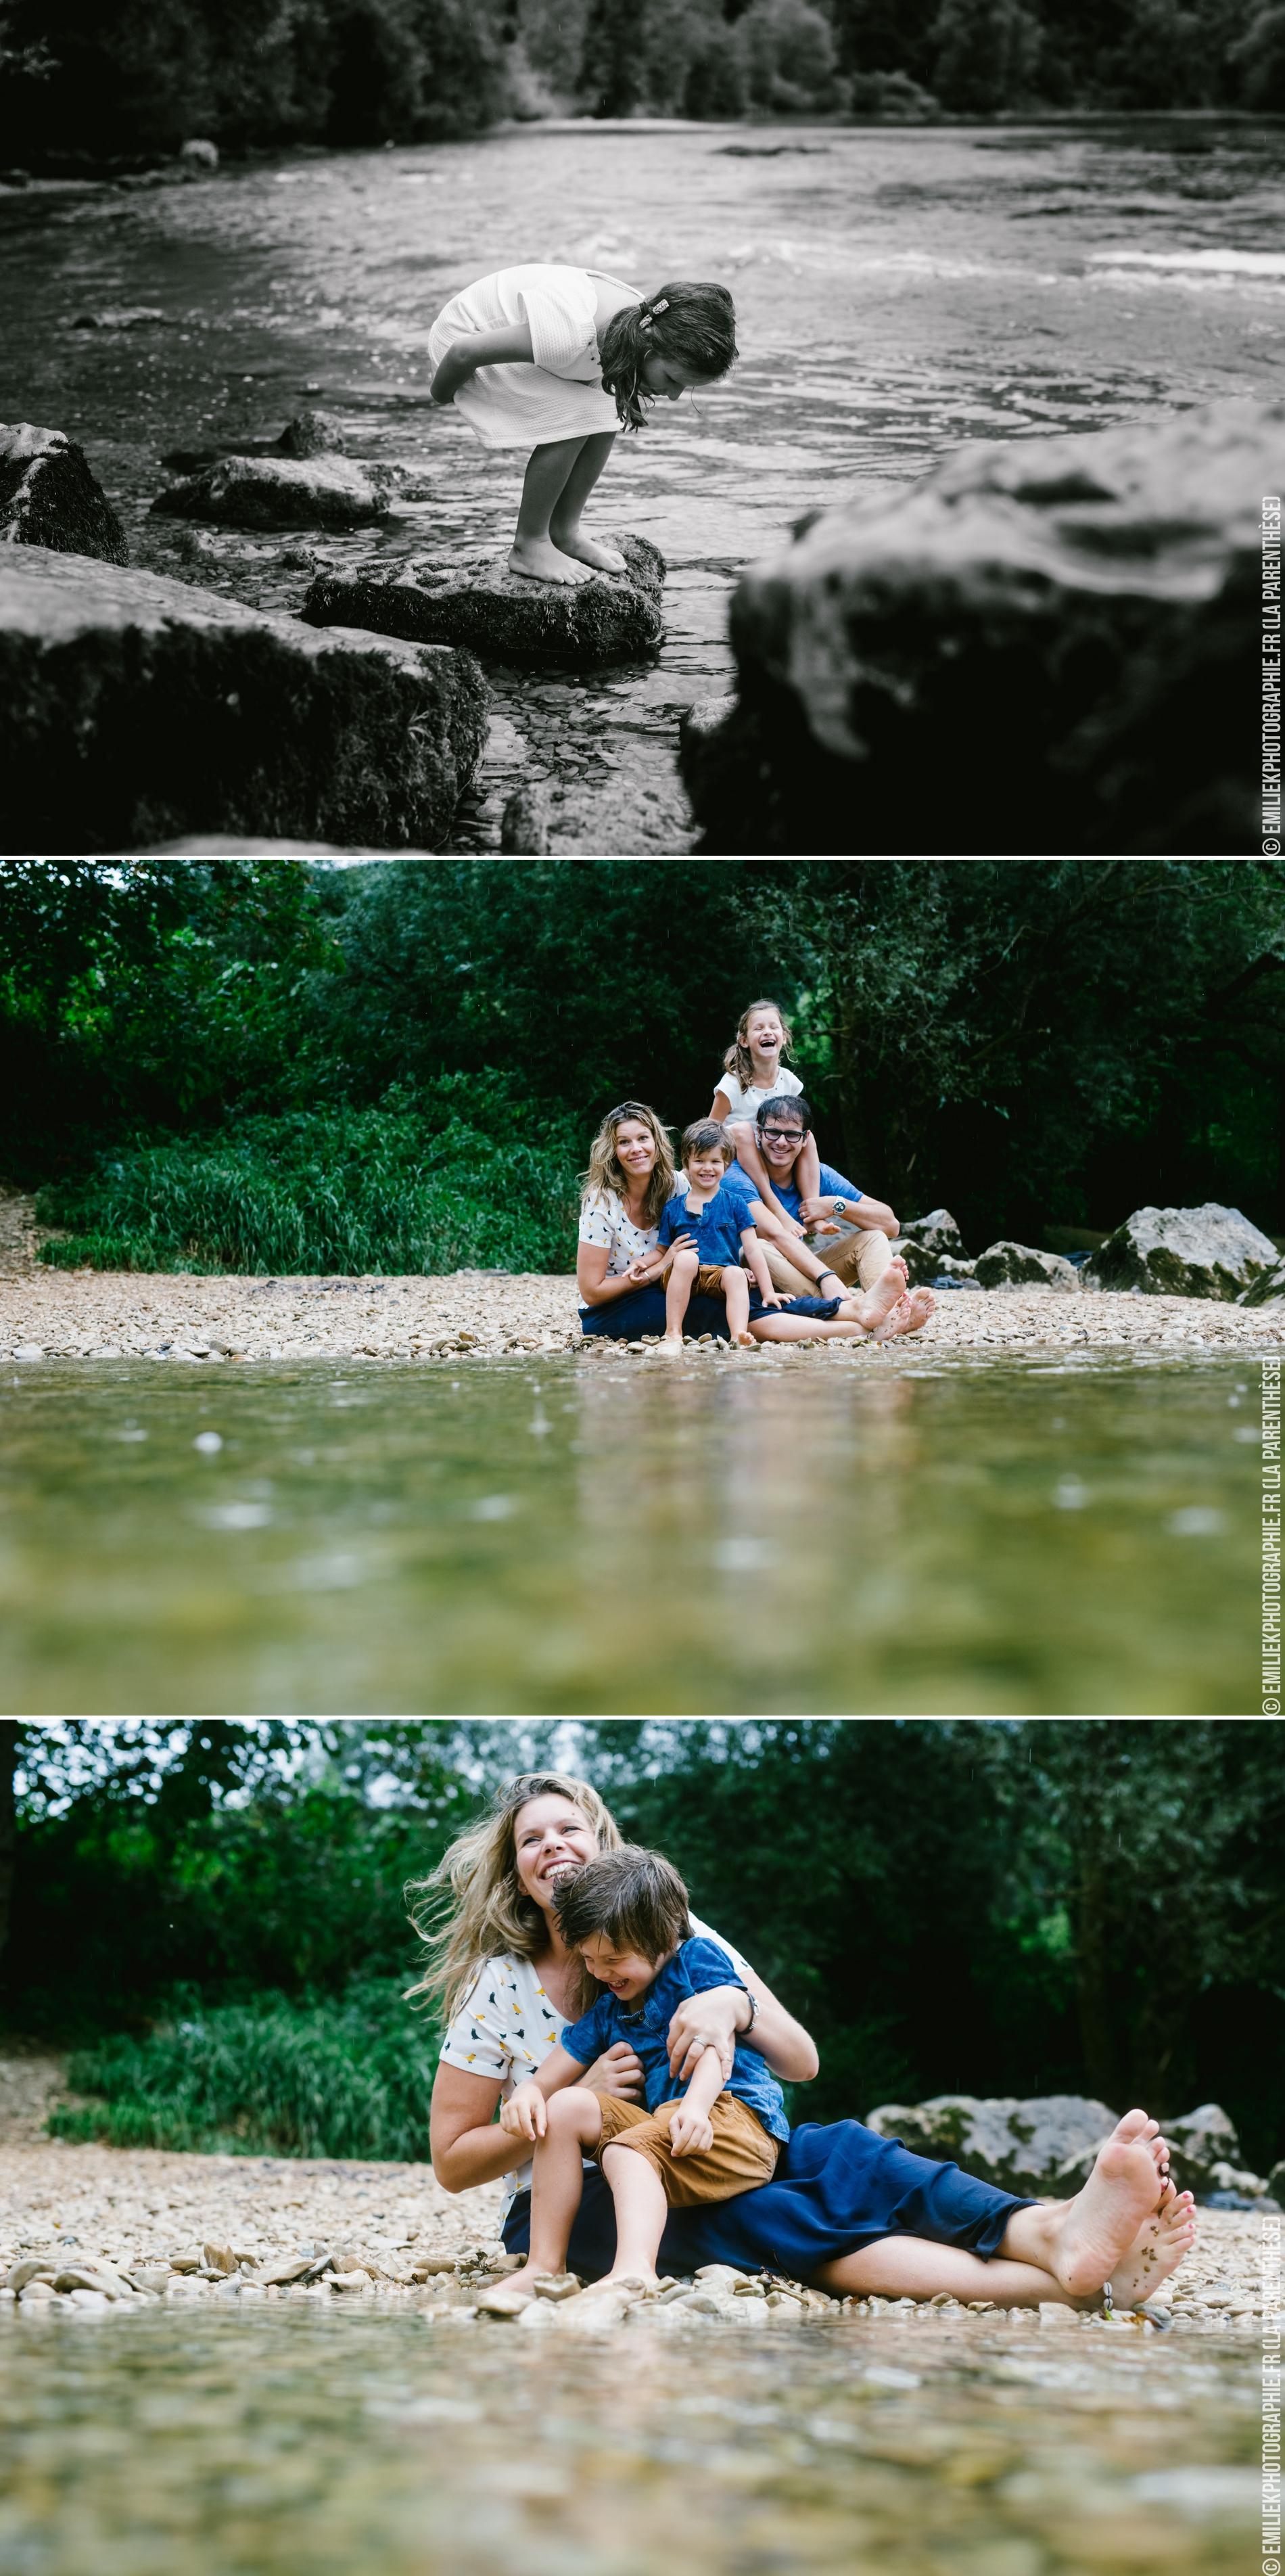 photographe-famille-emiliekphotographie-3